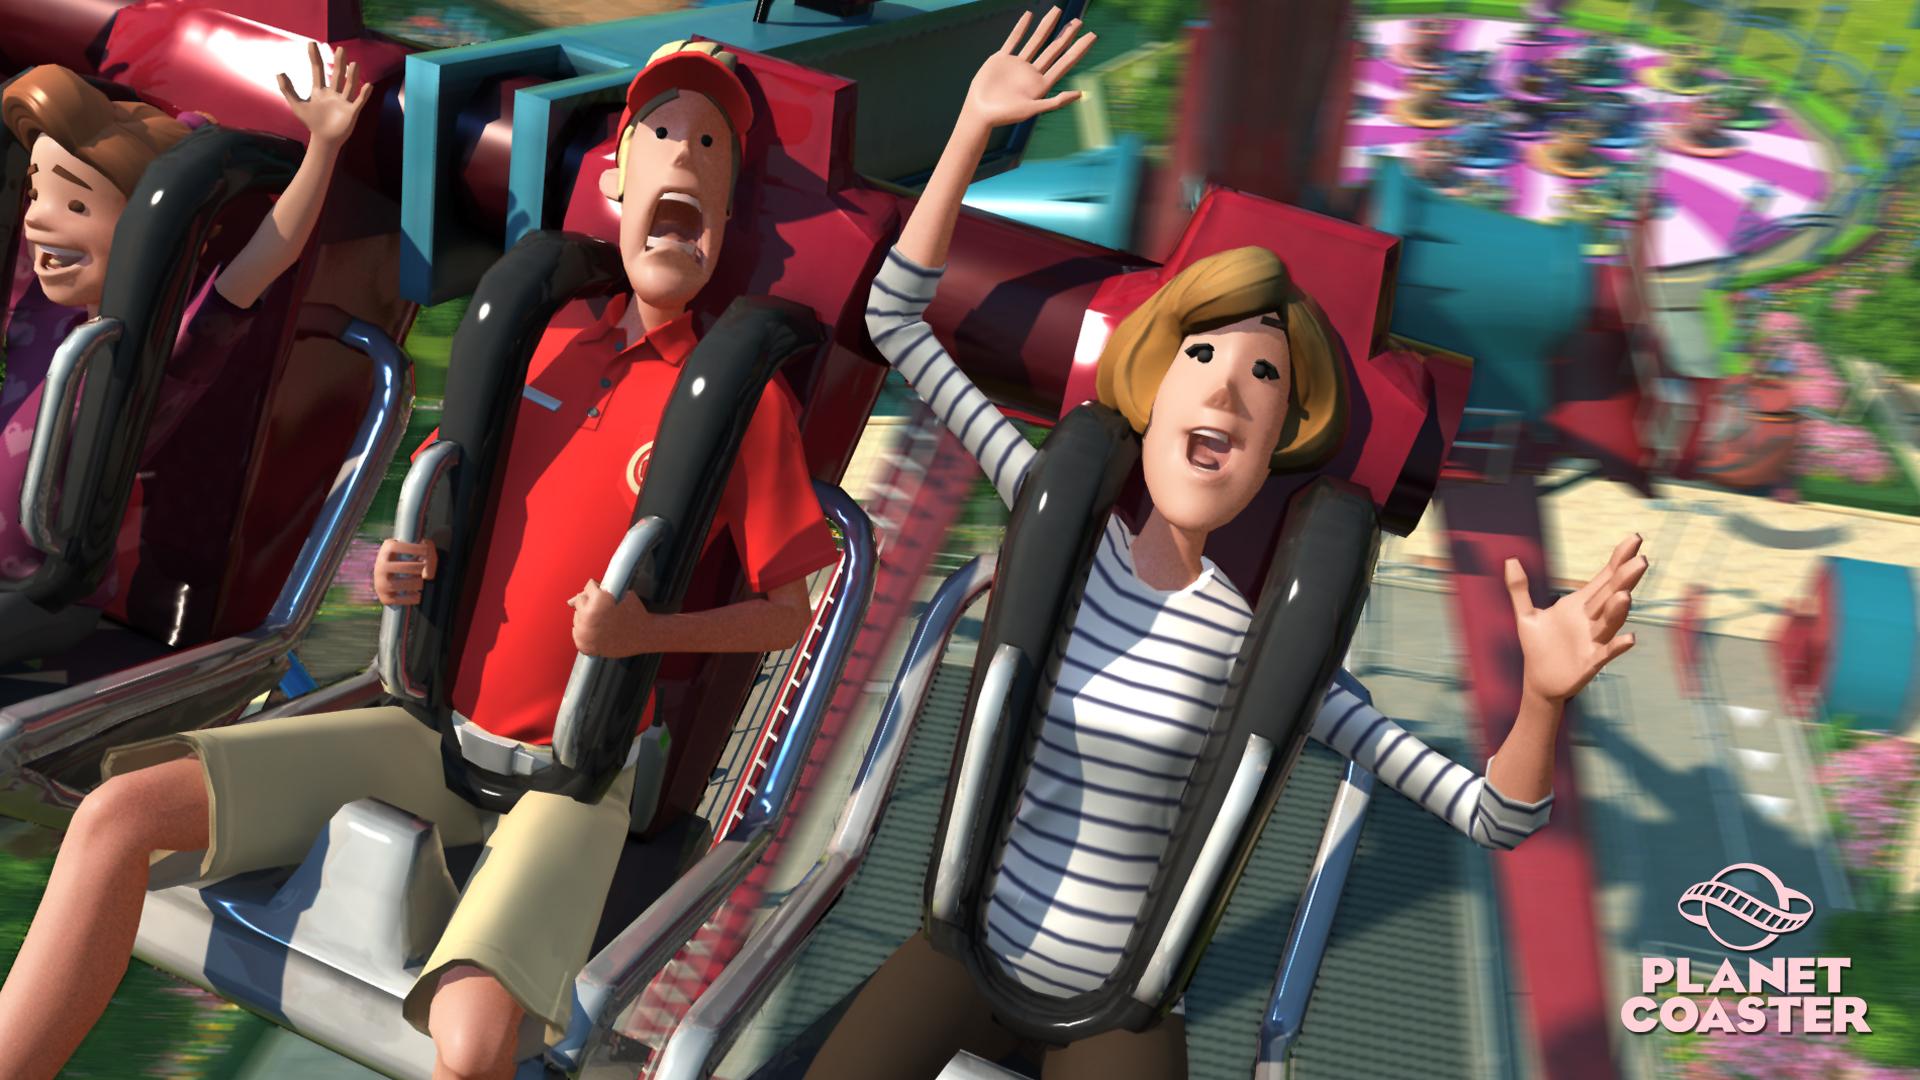 In Planet Coaster K&246nnt Ihr Euren Virtuellen Besuchern Eines Erlebnis